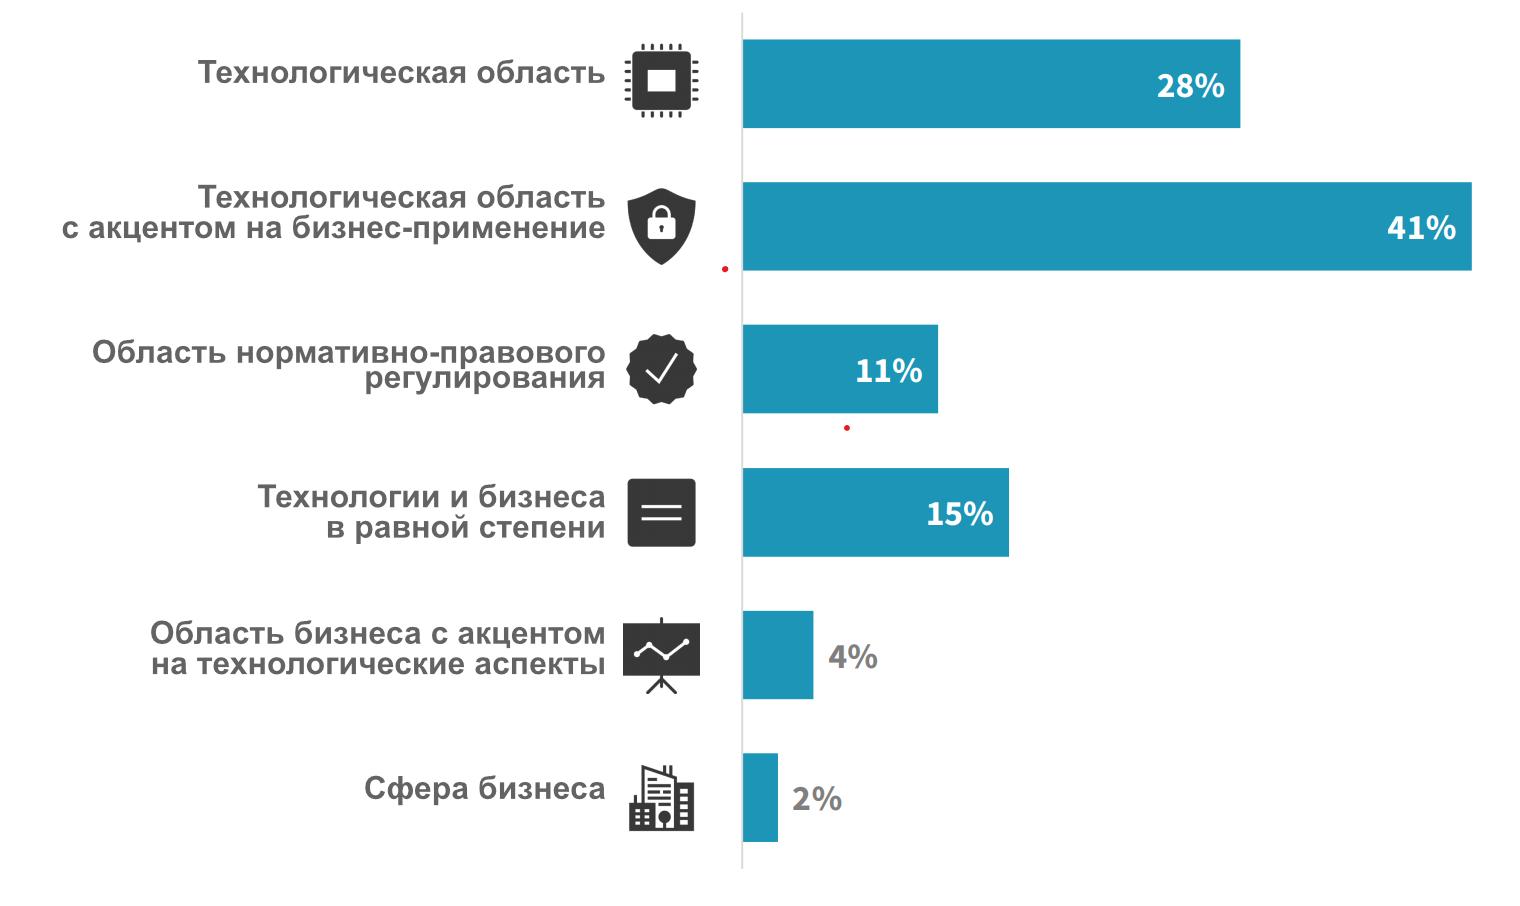 Отношение к кибербезопасности. Источник: ESG